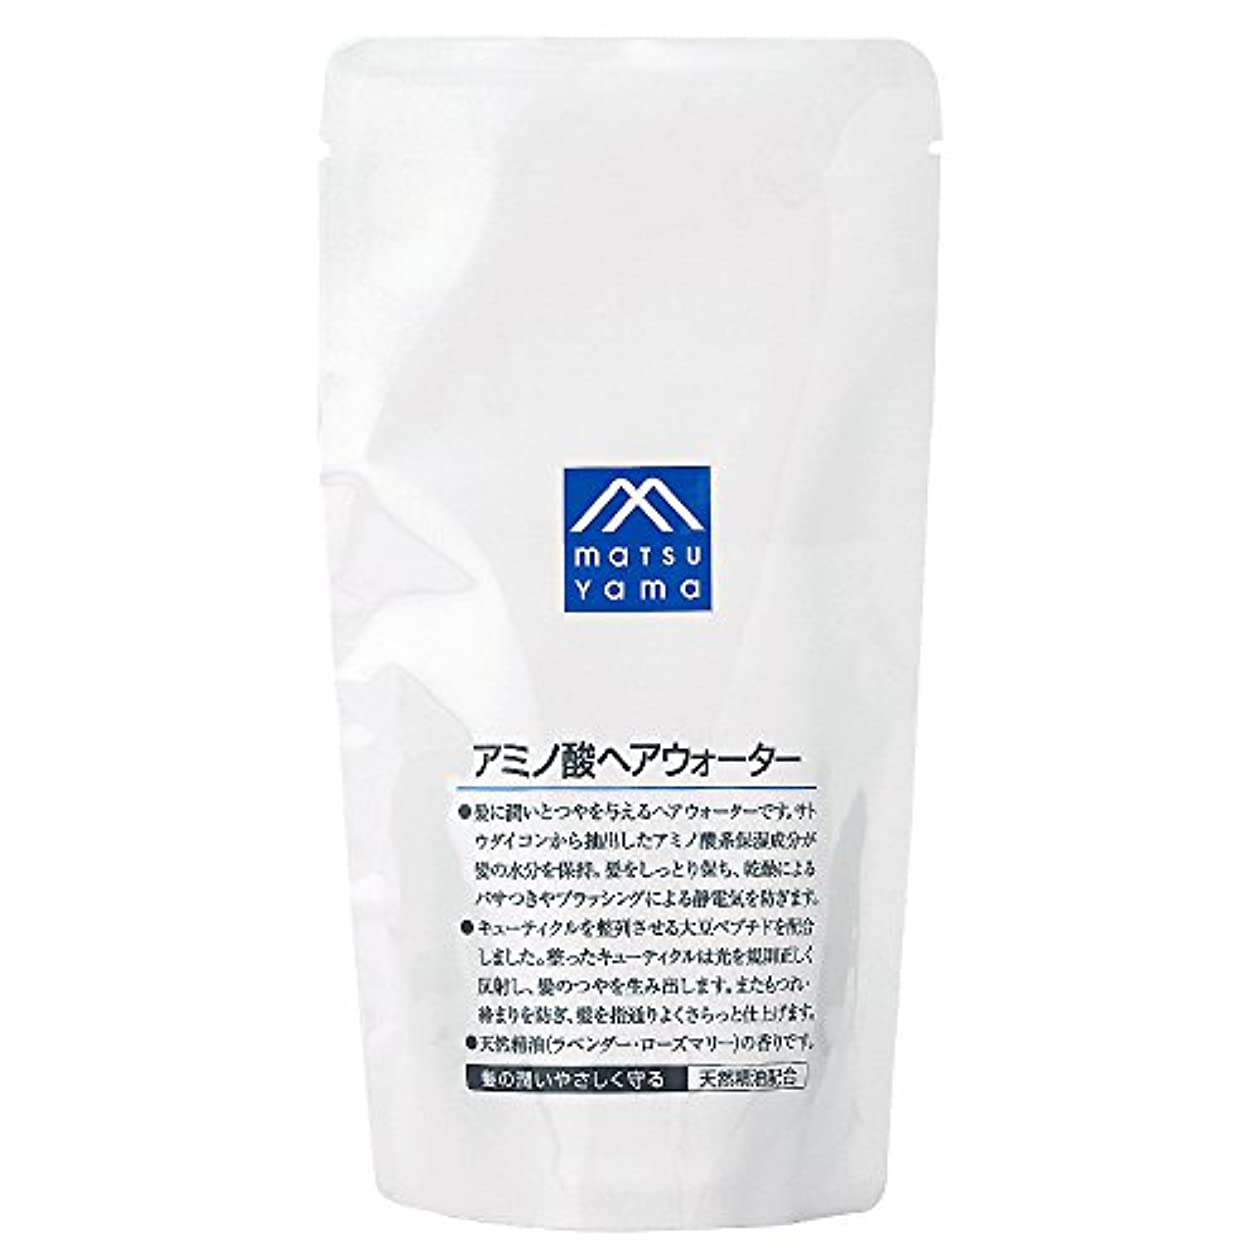 ビリー本体振るうM-mark アミノ酸ヘアウォーター詰替用